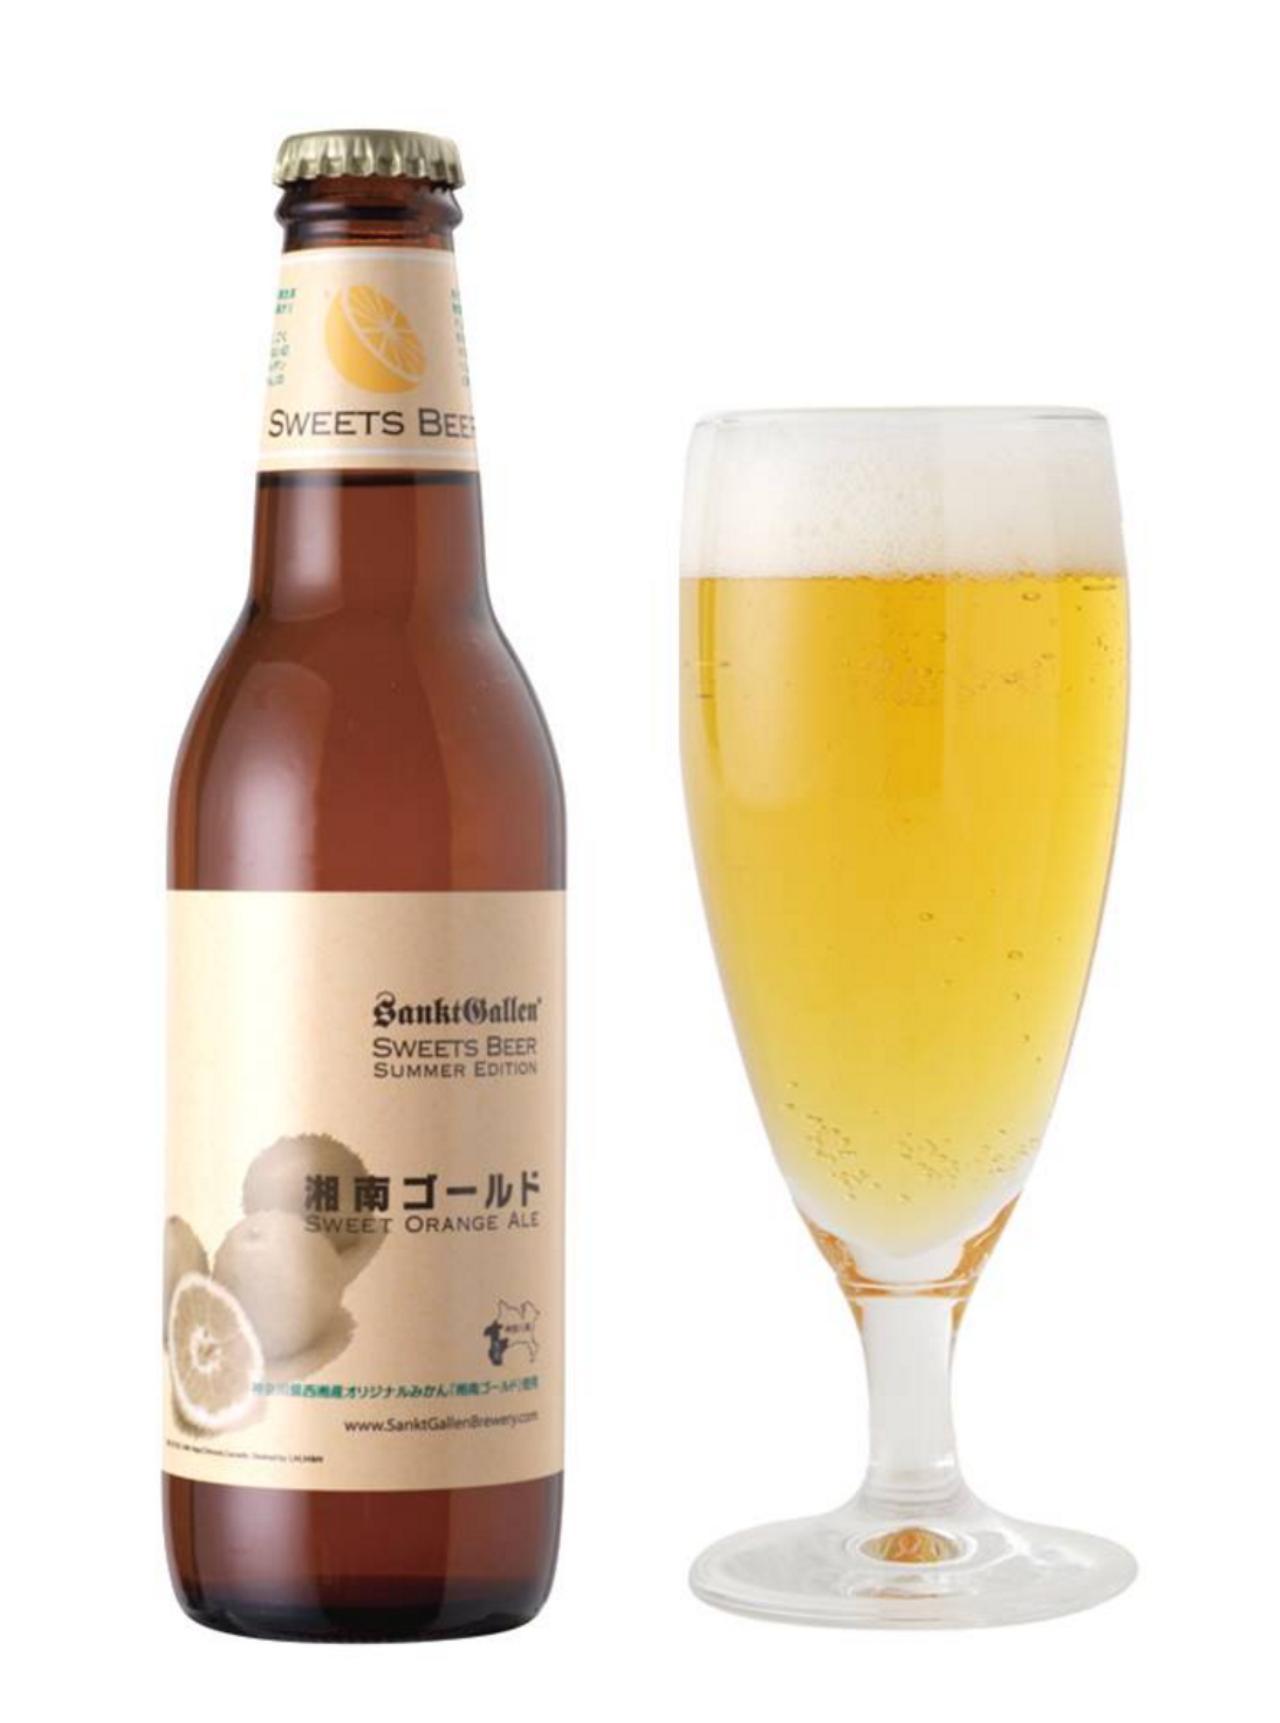 画像2: 神奈川産オレンジ丸ごと使用フルーツビール「湘南ゴールド」4月14日より春夏限定発売